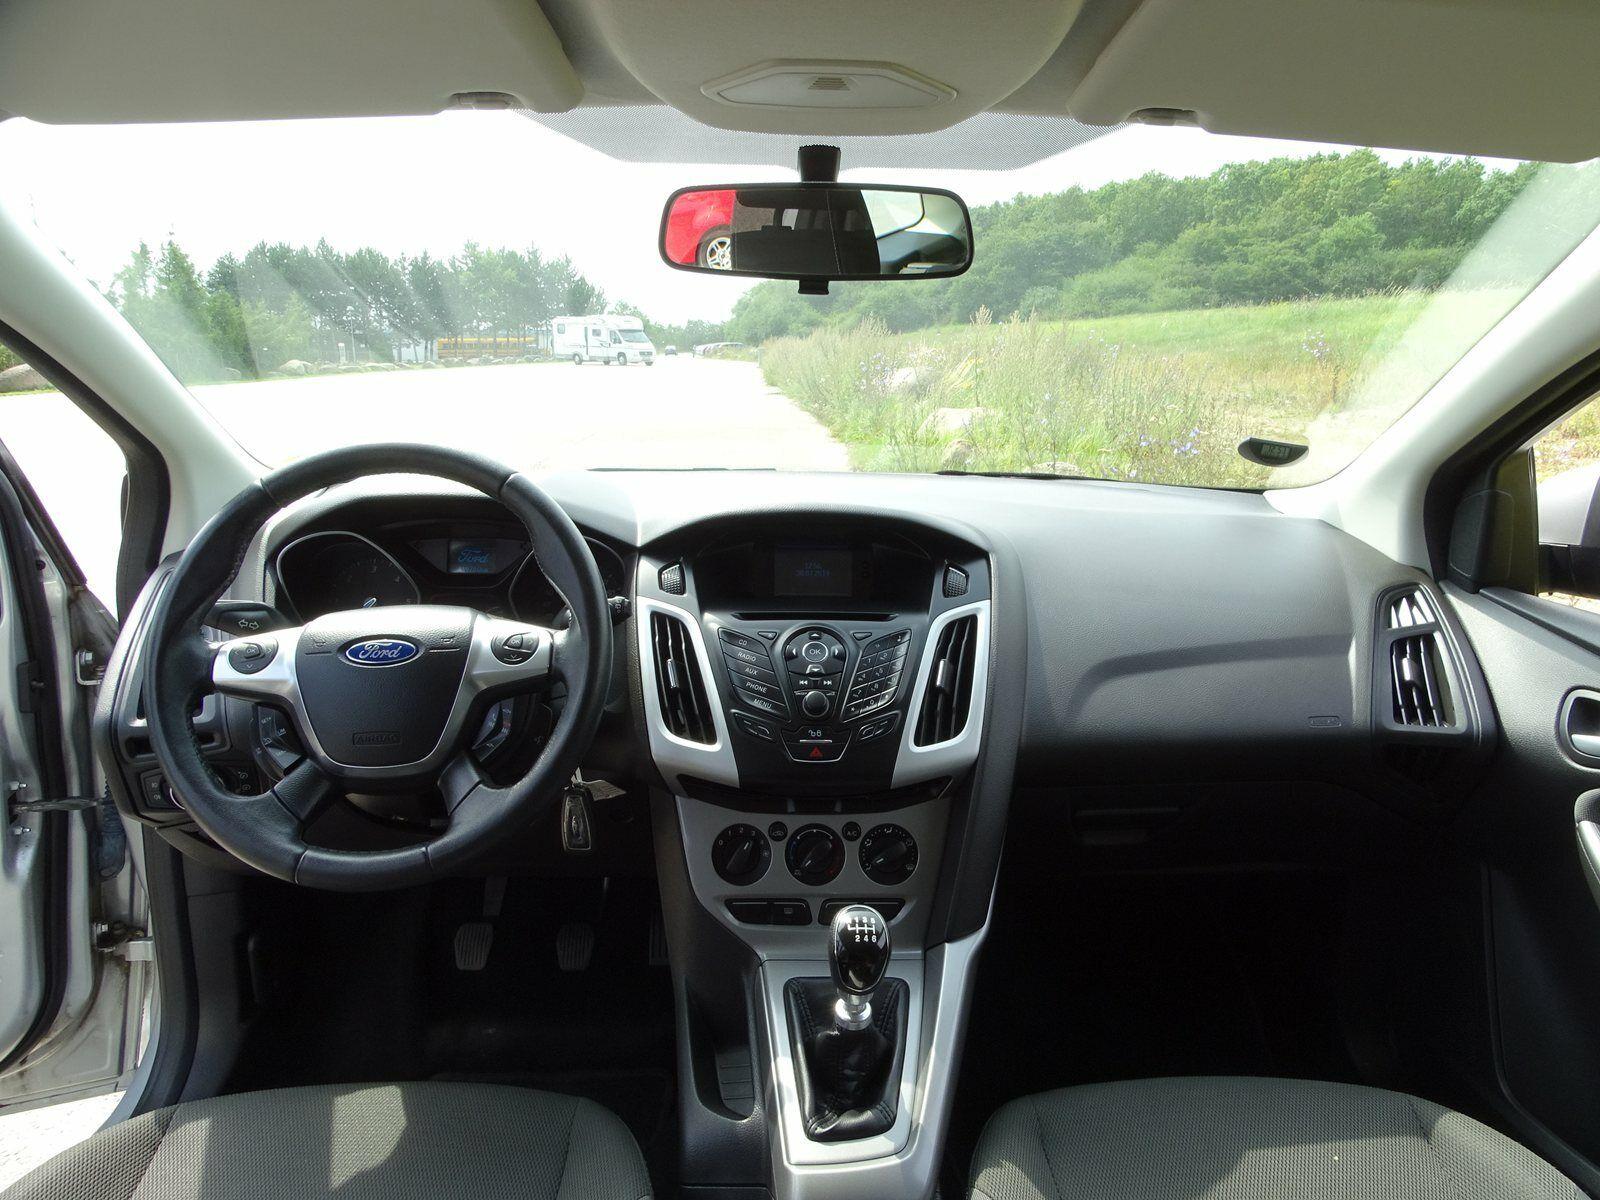 Ford Focus 1,6 TDCi 115 Trend stc. - billede 8